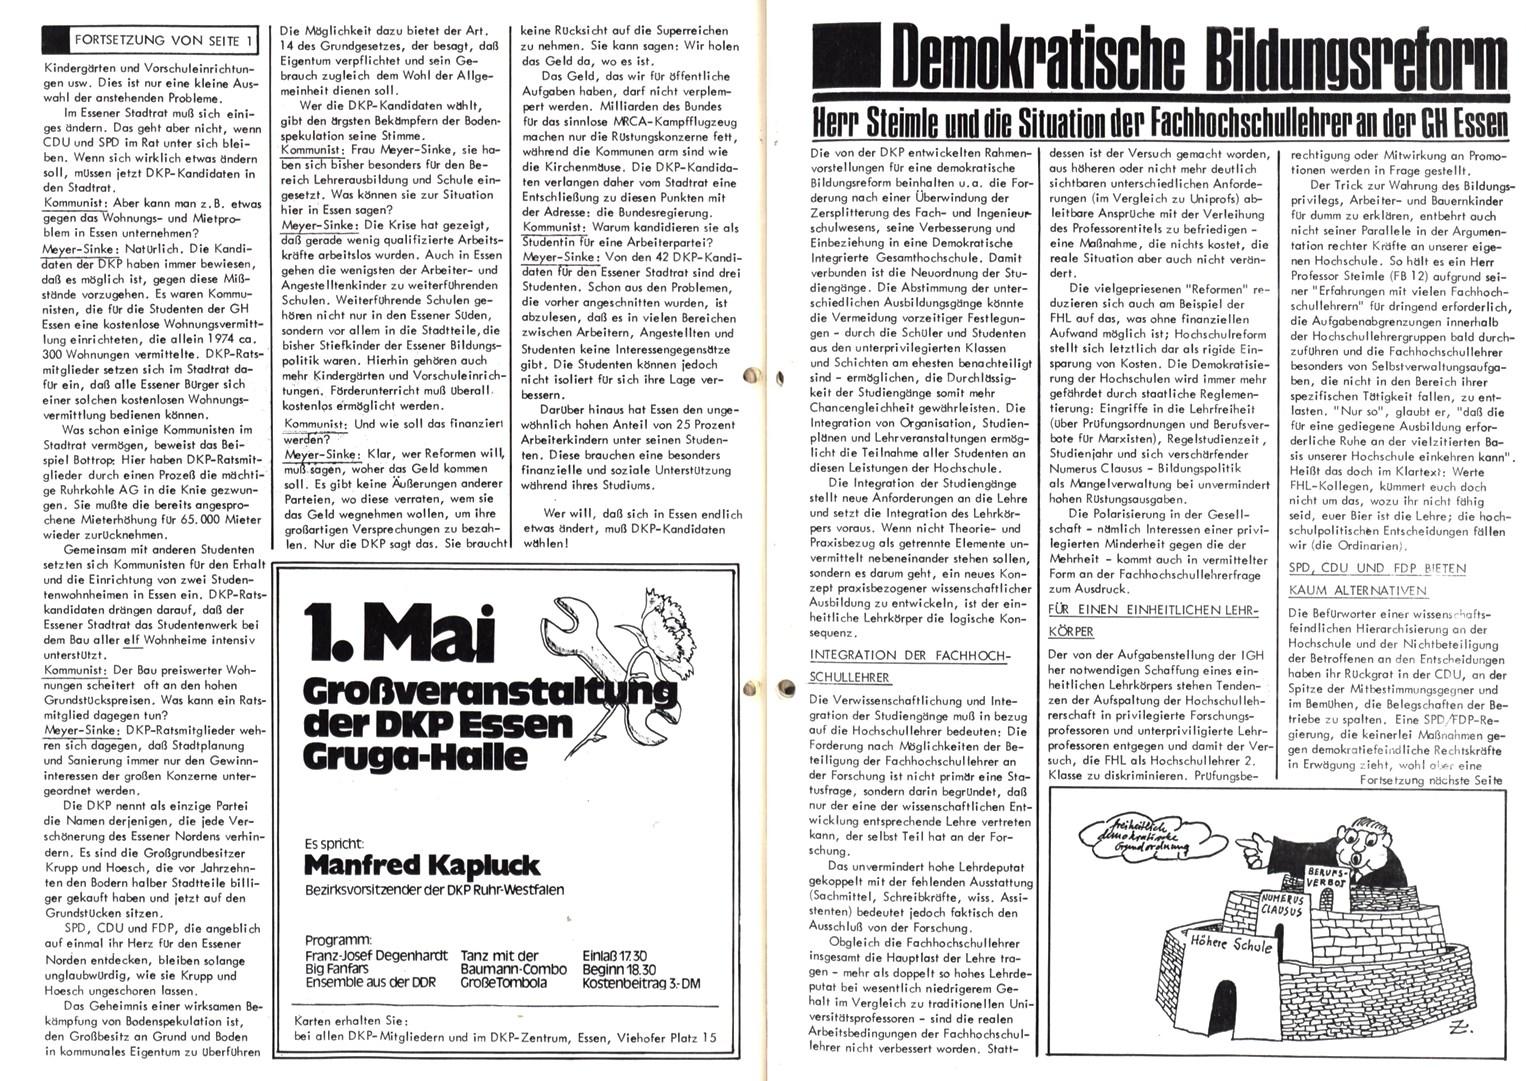 Essen_DKP_Kommunist_19750400_02